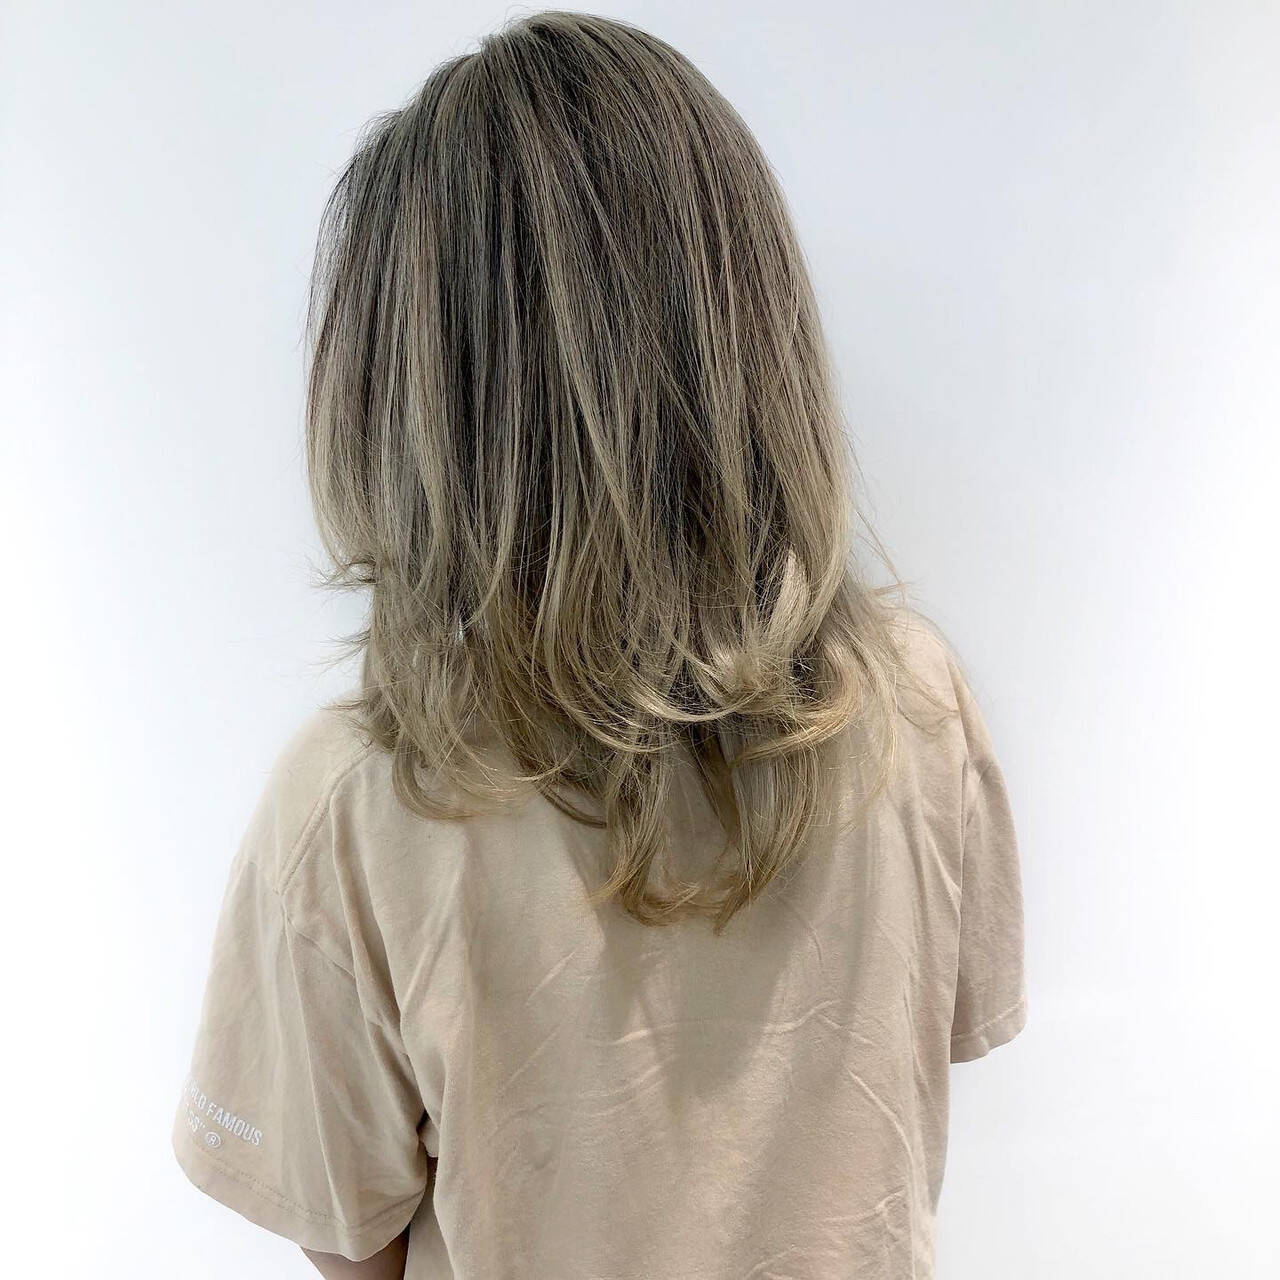 極細ハイライト セミロング エアータッチ ベージュヘアスタイルや髪型の写真・画像